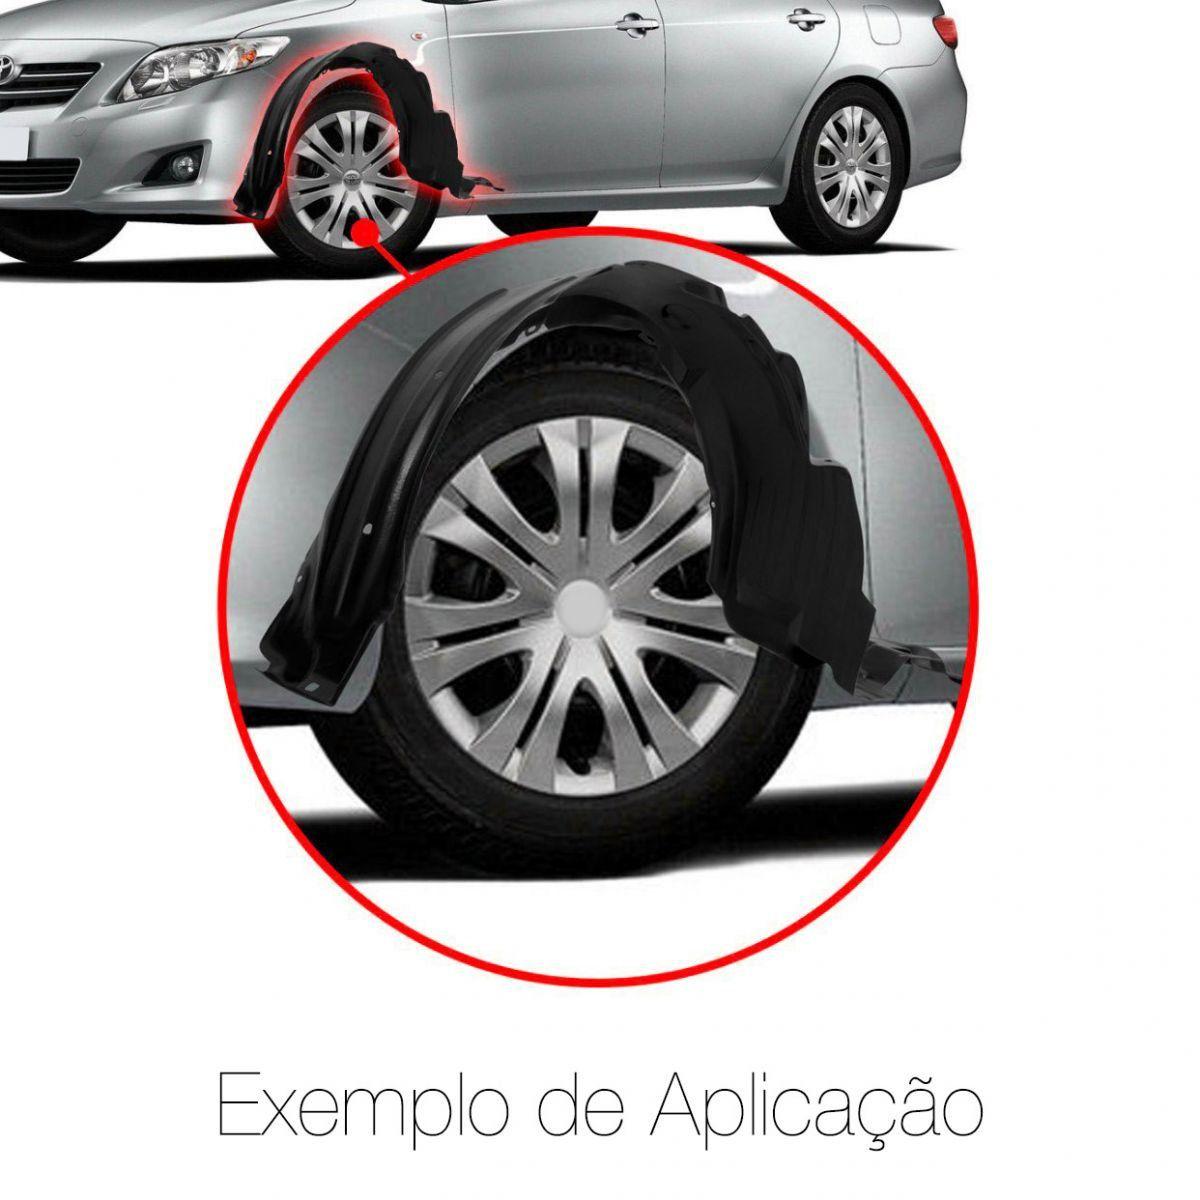 Parabarro Clio 2003 2004 2005 2006 2007 2008 2009 2010 2011 2012